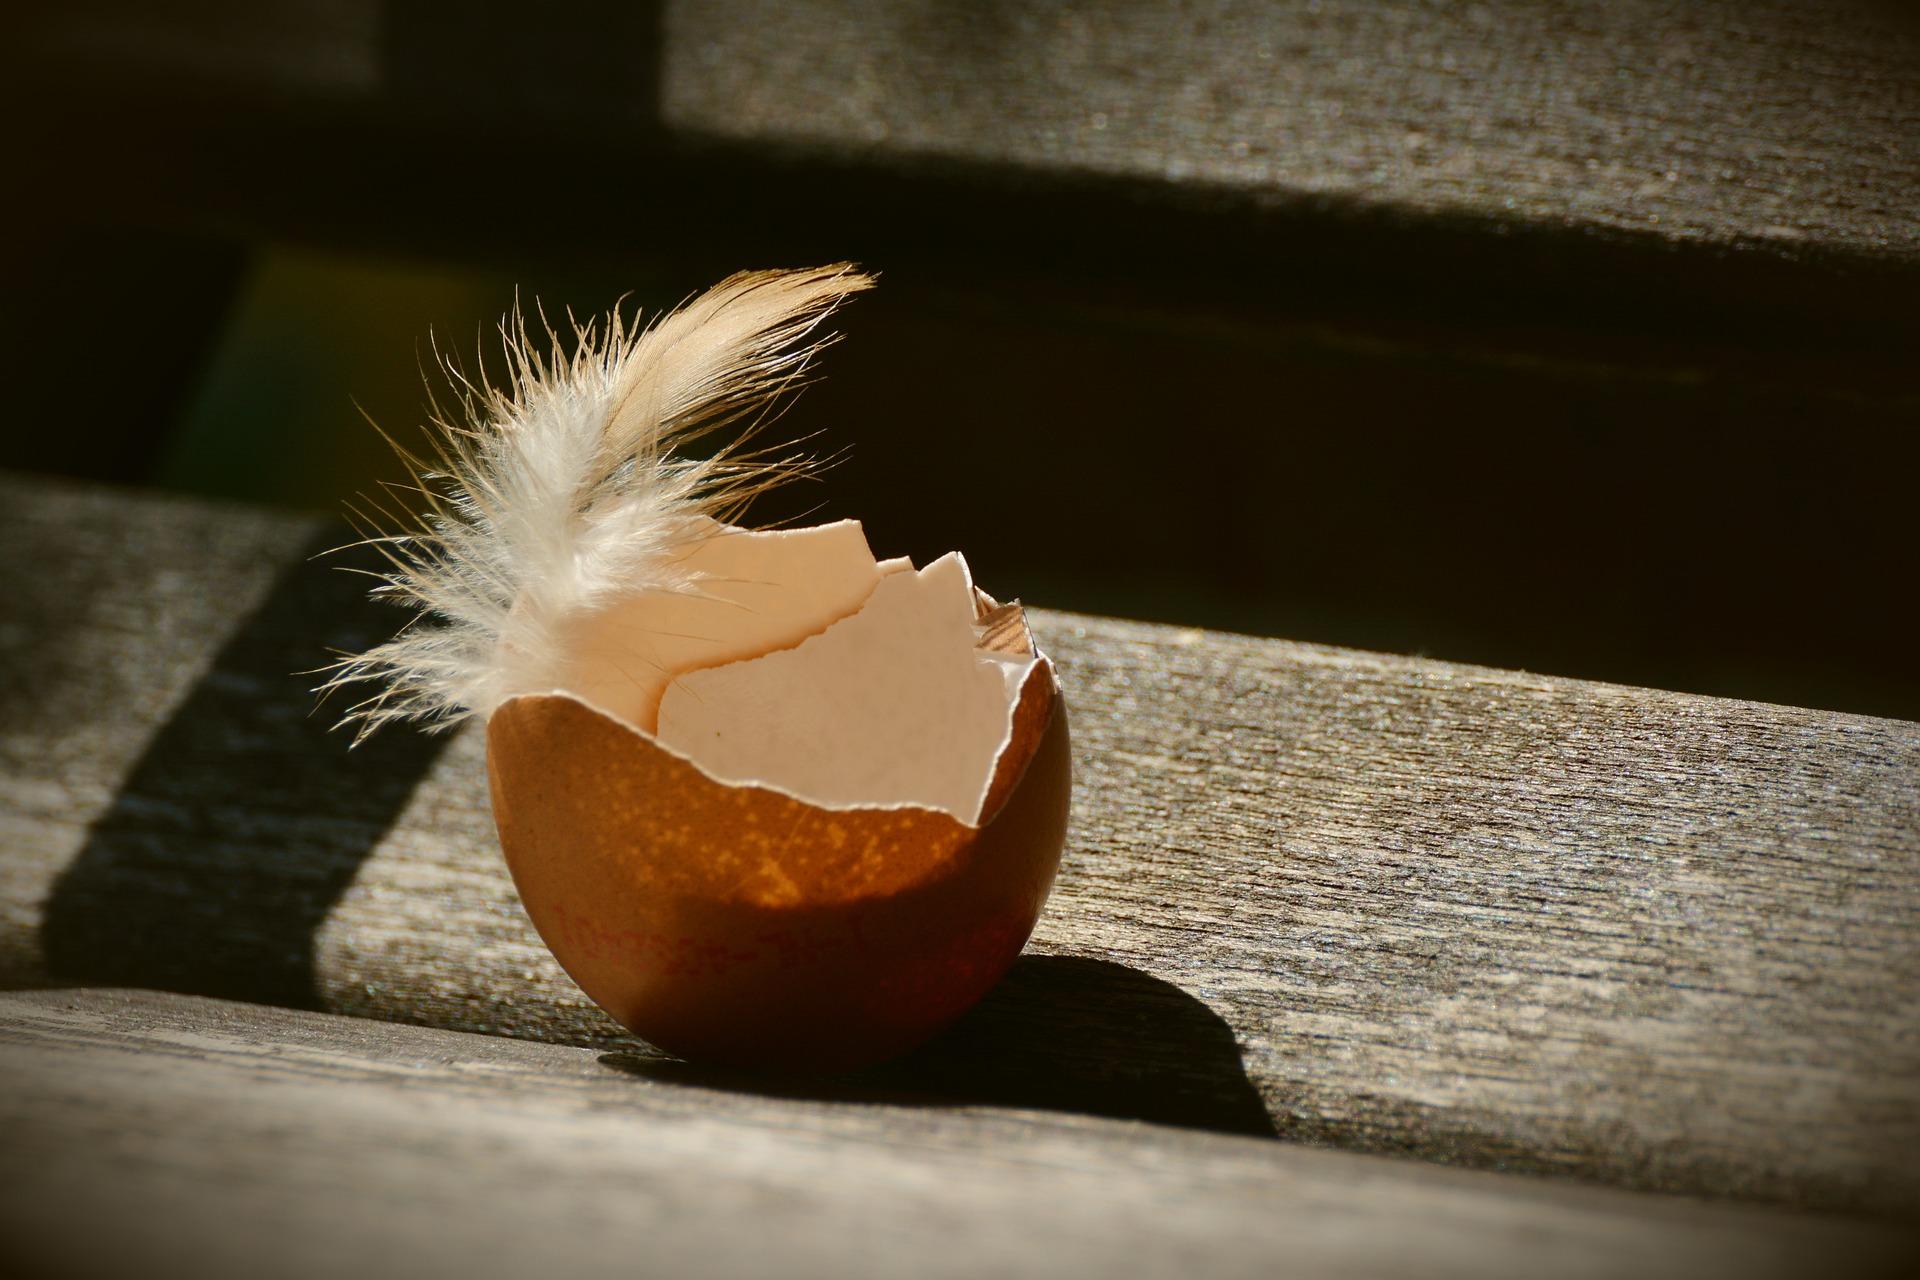 egg-1600502_1920.jpg